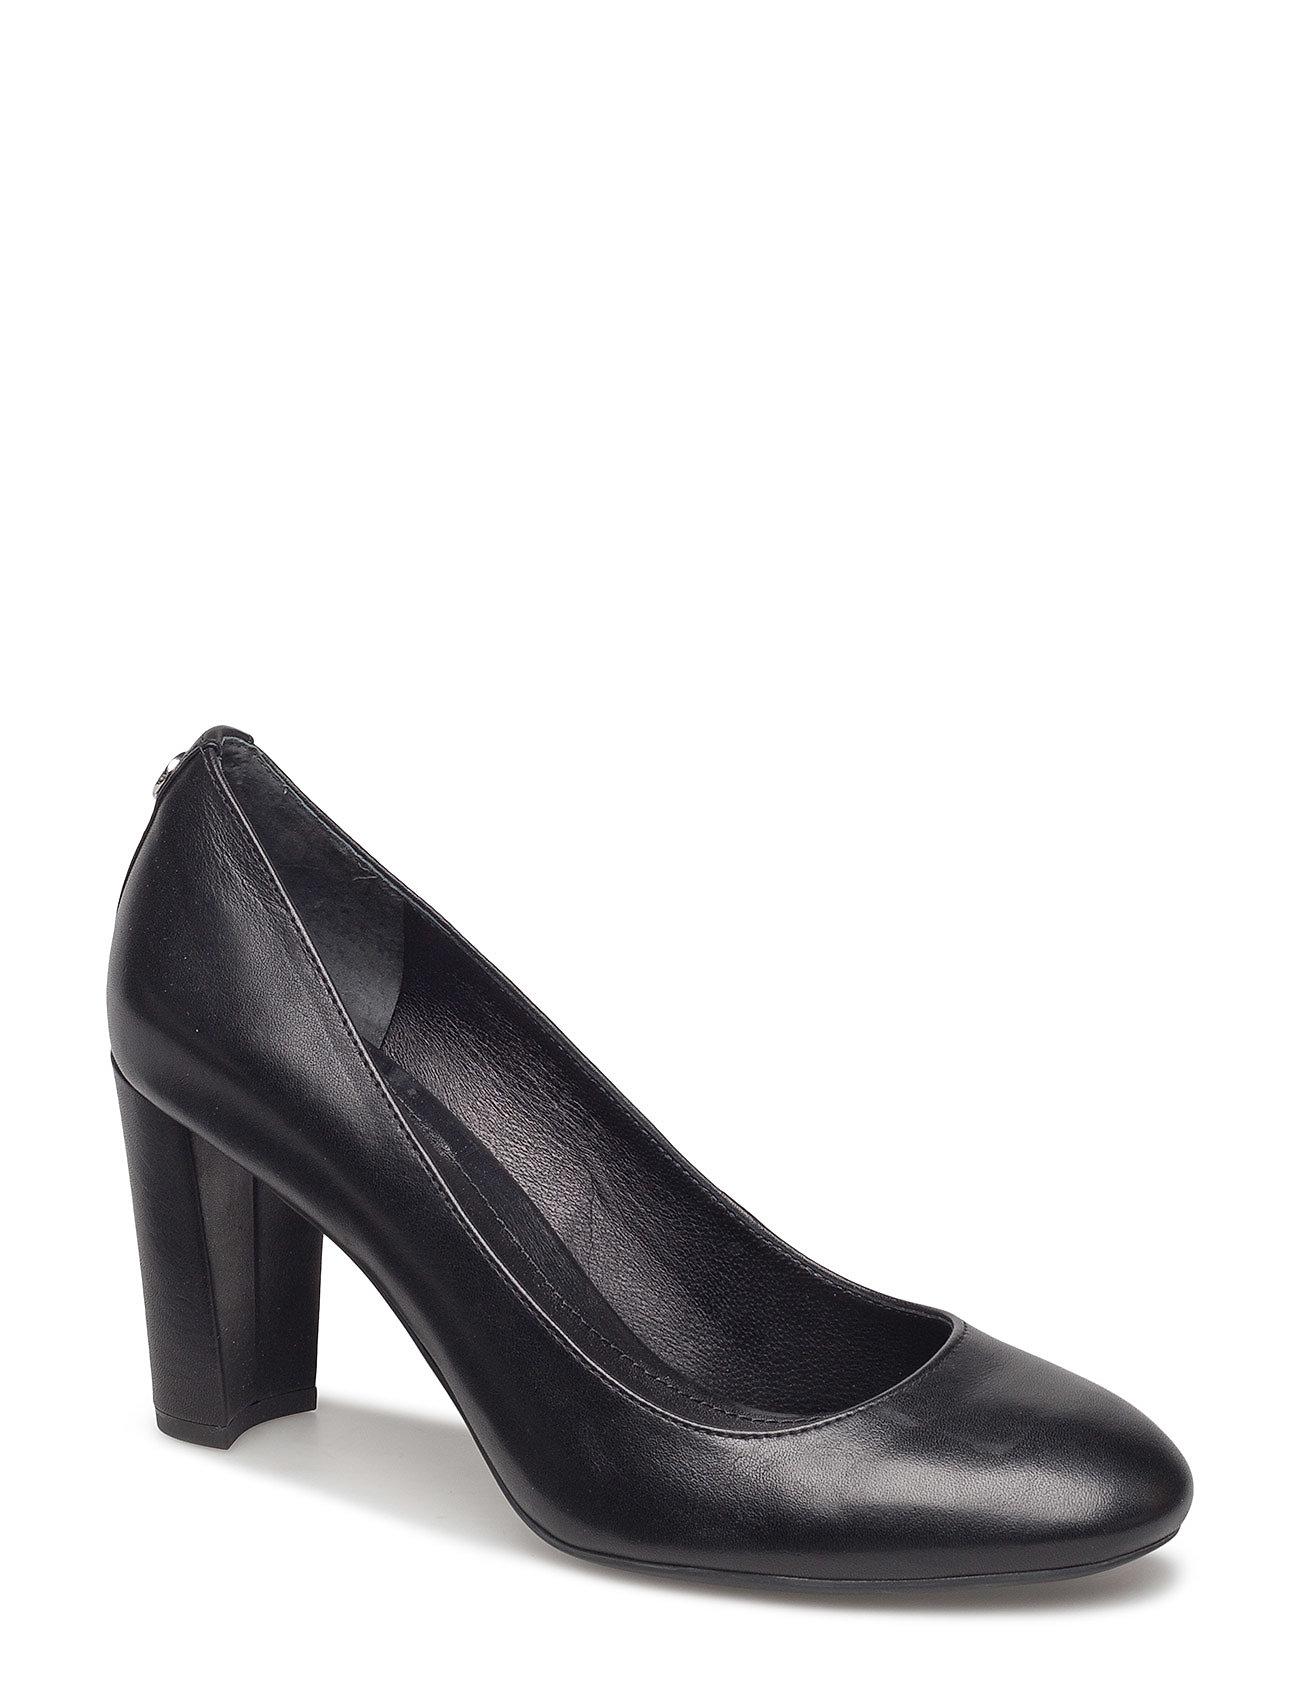 Lauren Ralph Lauren Maddie Leather Pump - BLACK